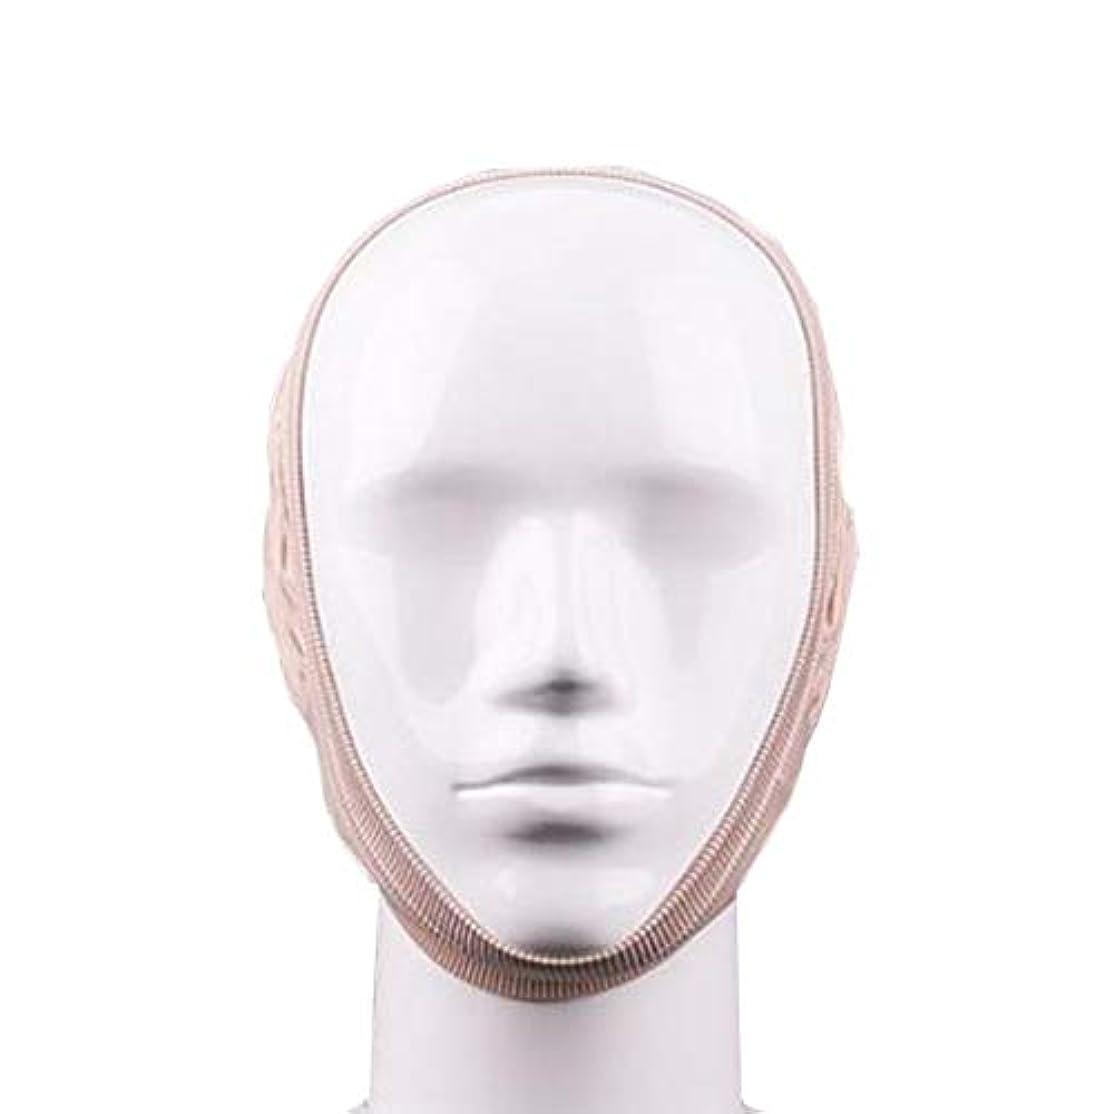 ドメイン見つけた独創的ZWBD フェイスマスク, 顔の包帯の形成を強化するための術後回復包帯リフティングシェイプマスクを刻むVフェイスアーティファクトスモールフェイスマスクライン (Color : B)